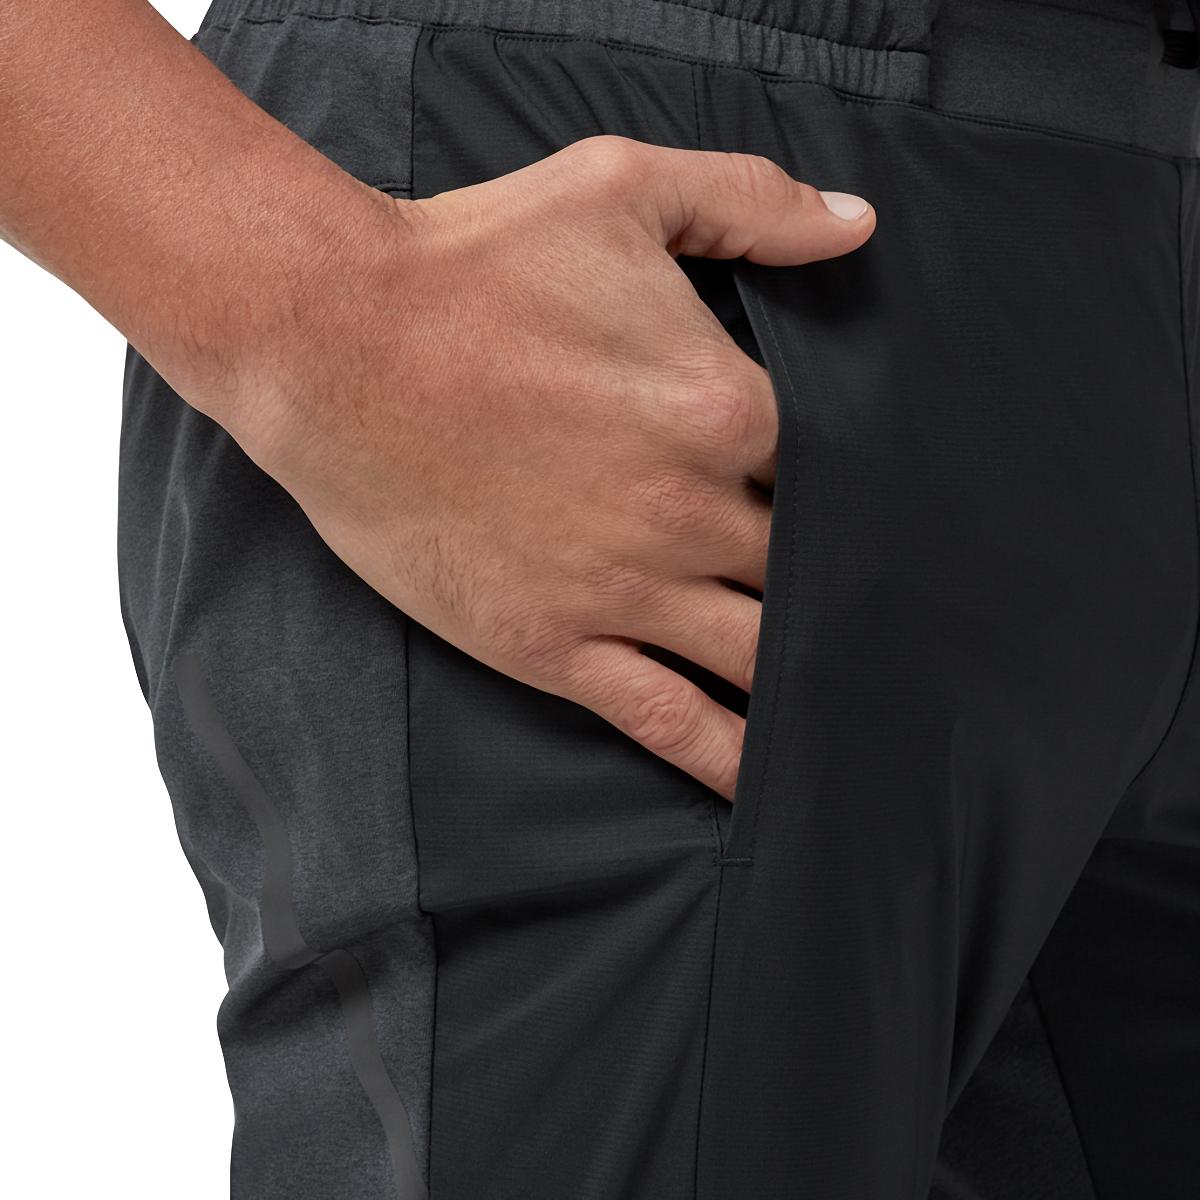 Men's On Running Pants - Color: Black - Size: S, Black, large, image 3